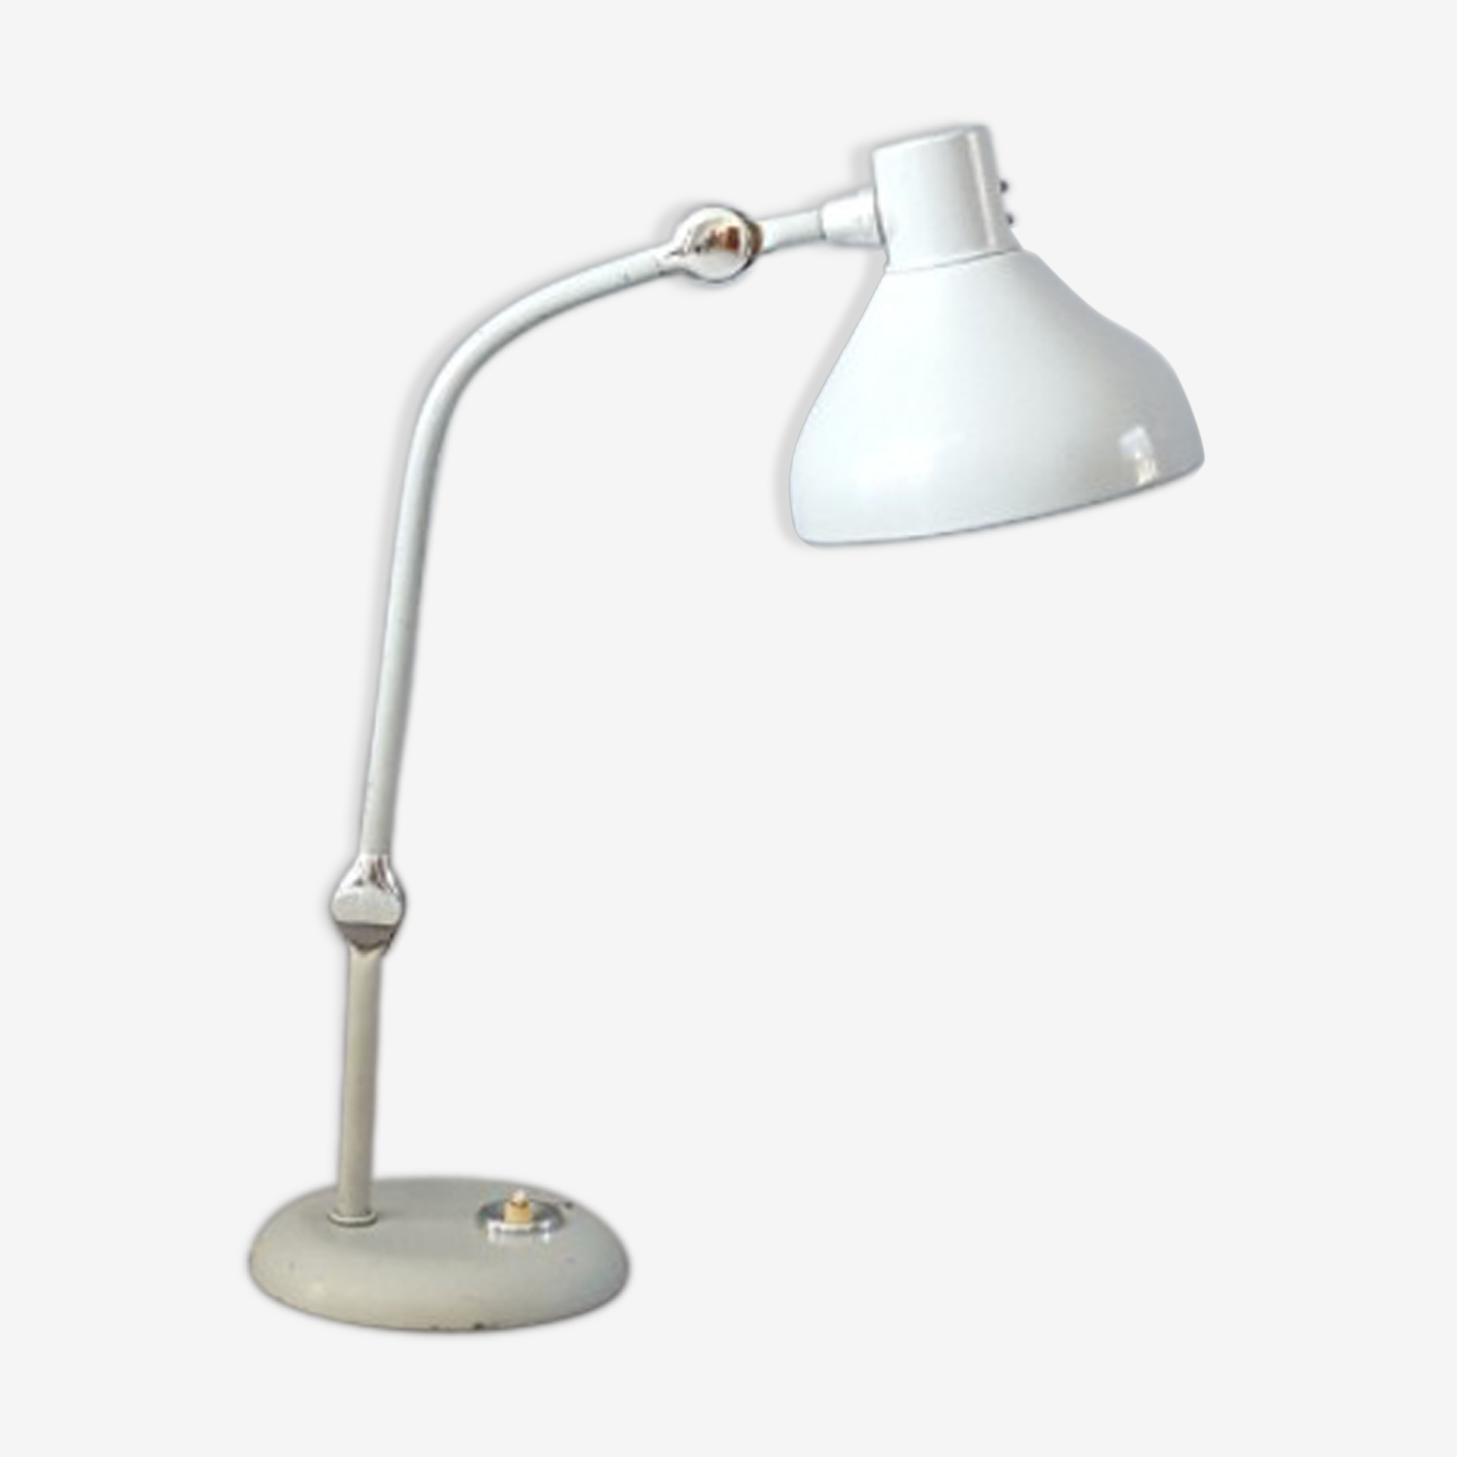 Lampe de bureau industrielle Jumo GS1